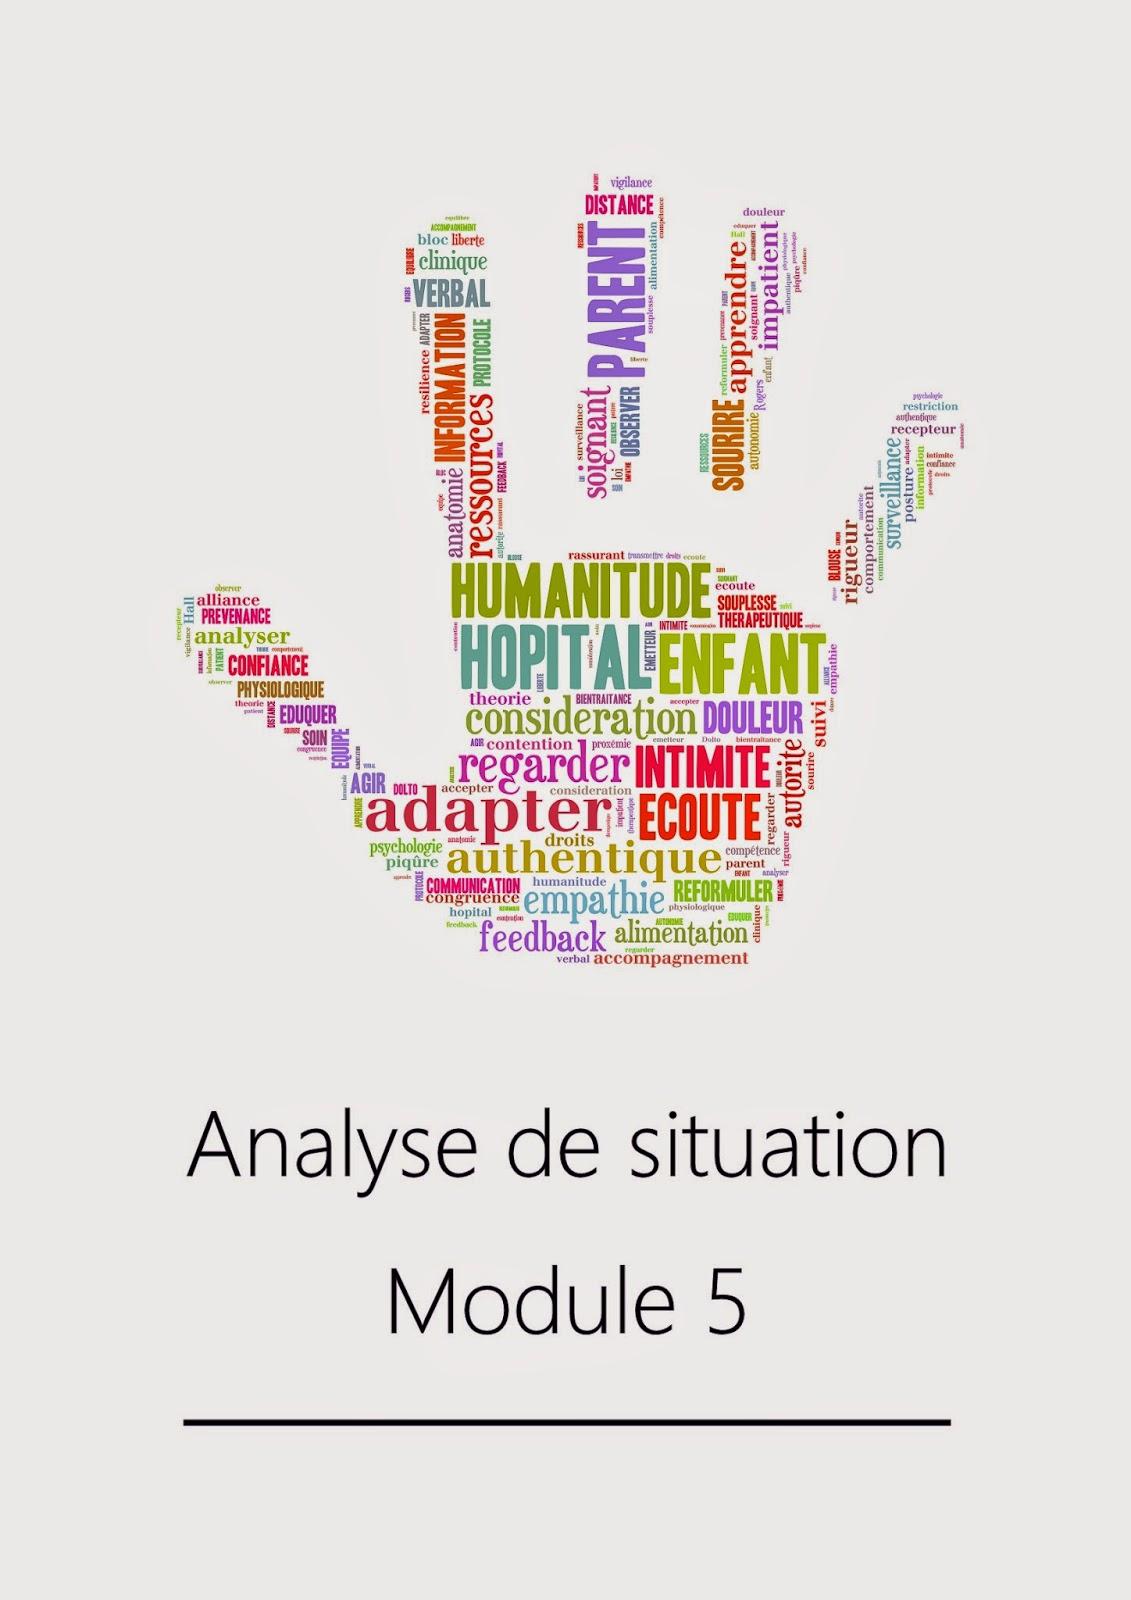 Exemple De Situation De Communication Module 5 - Exemple ...